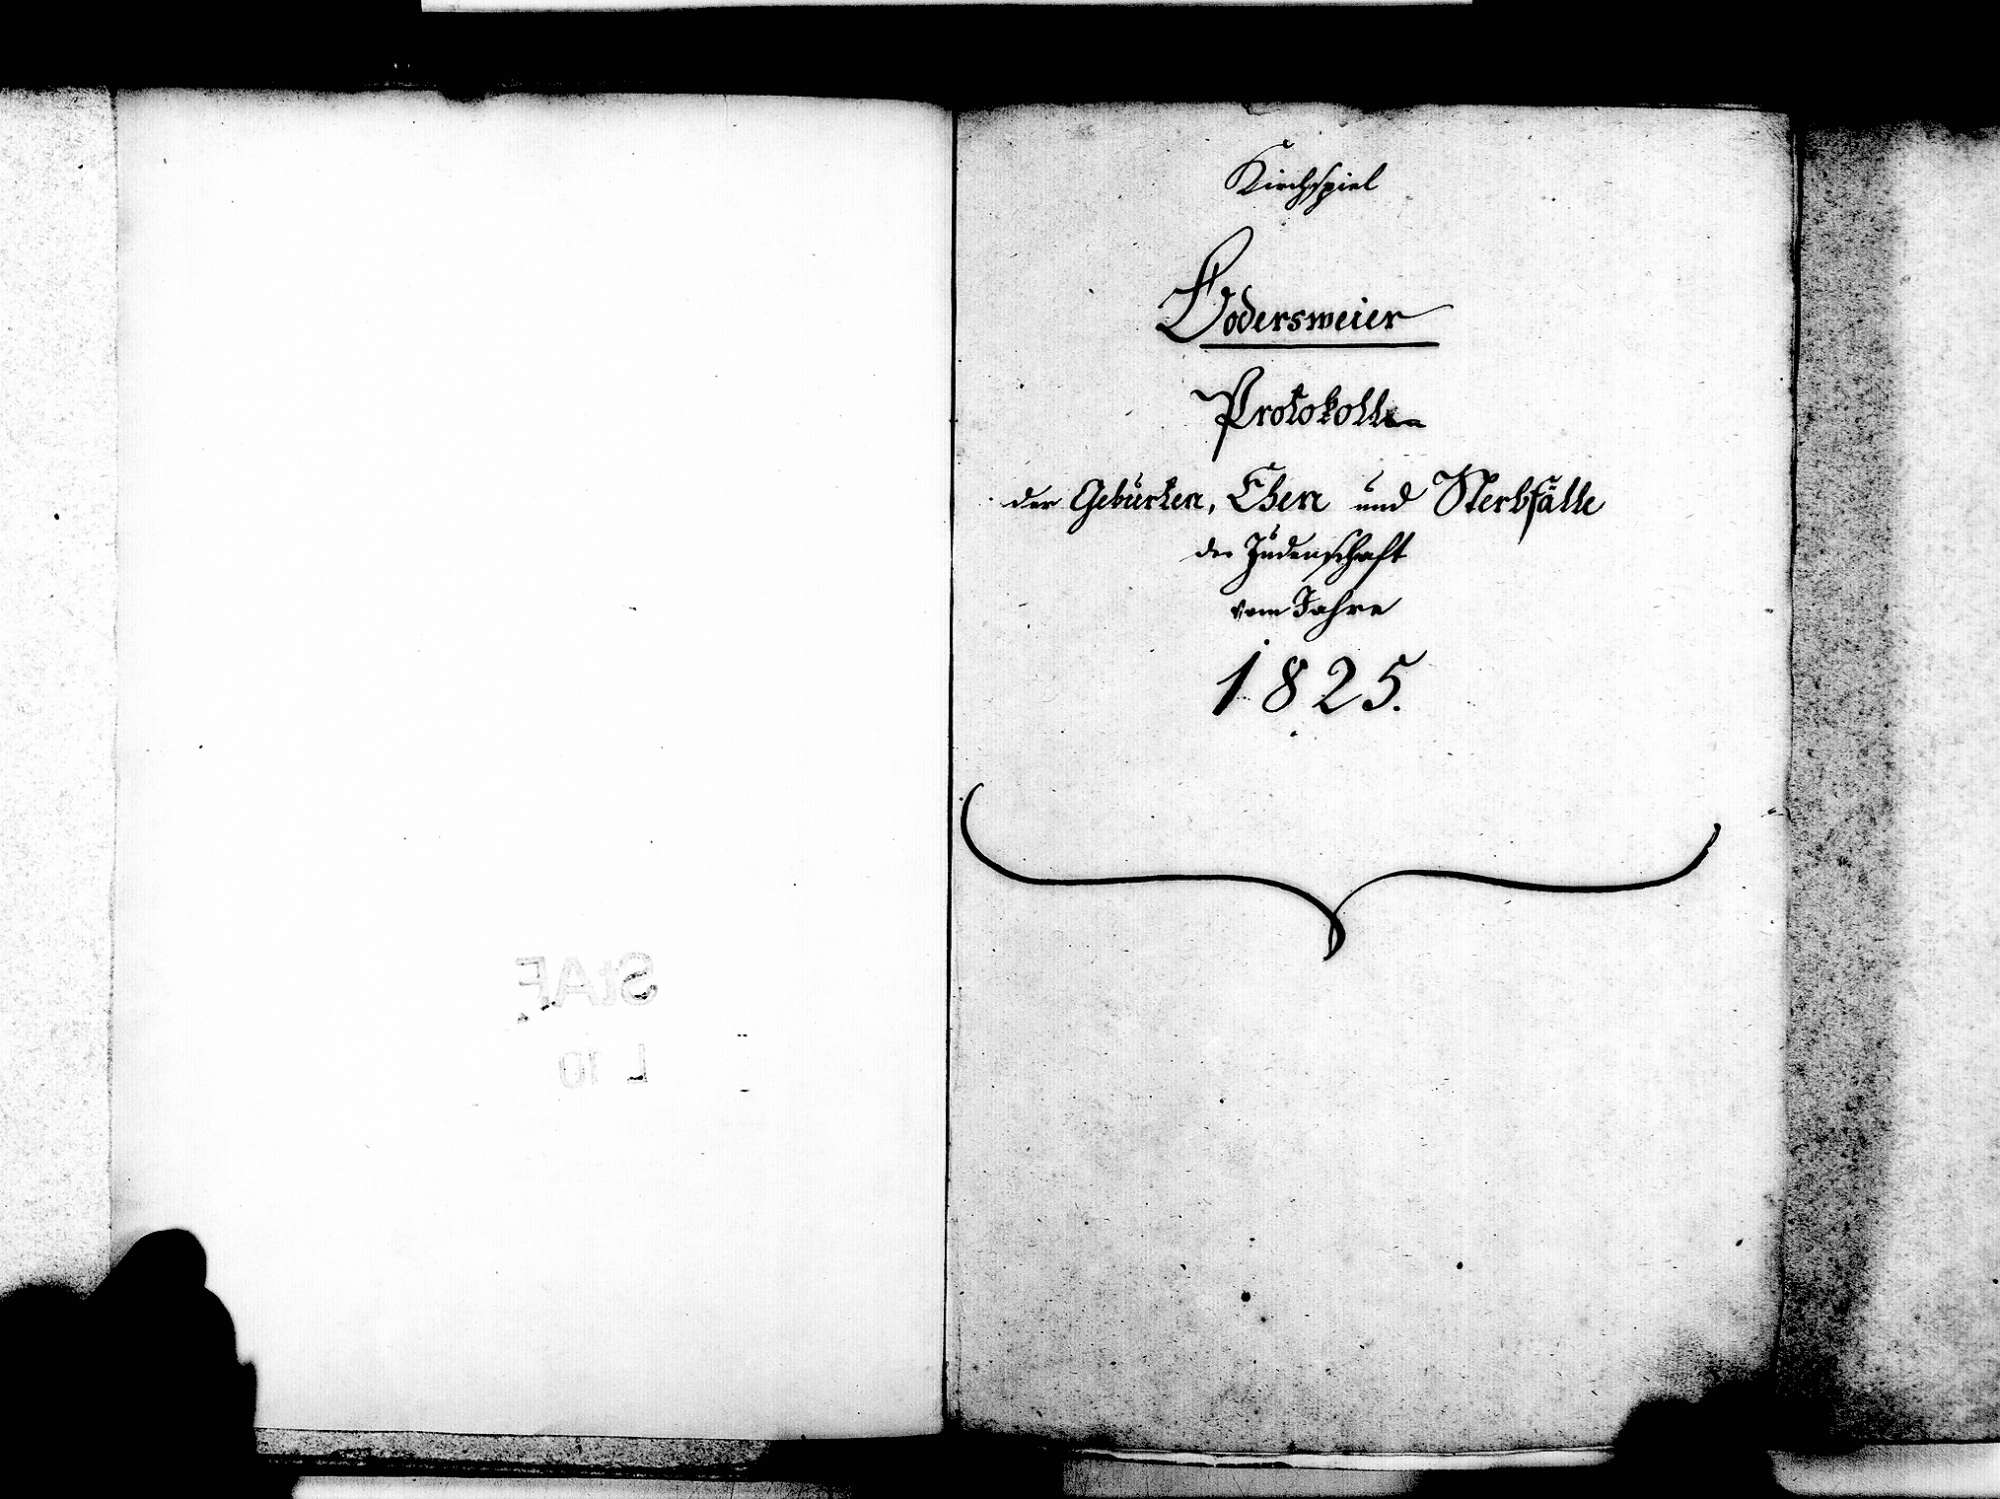 Bodersweier, Kehl OG; Israelitische Gemeinde: Standesbuch 1825-1870, Bild 3